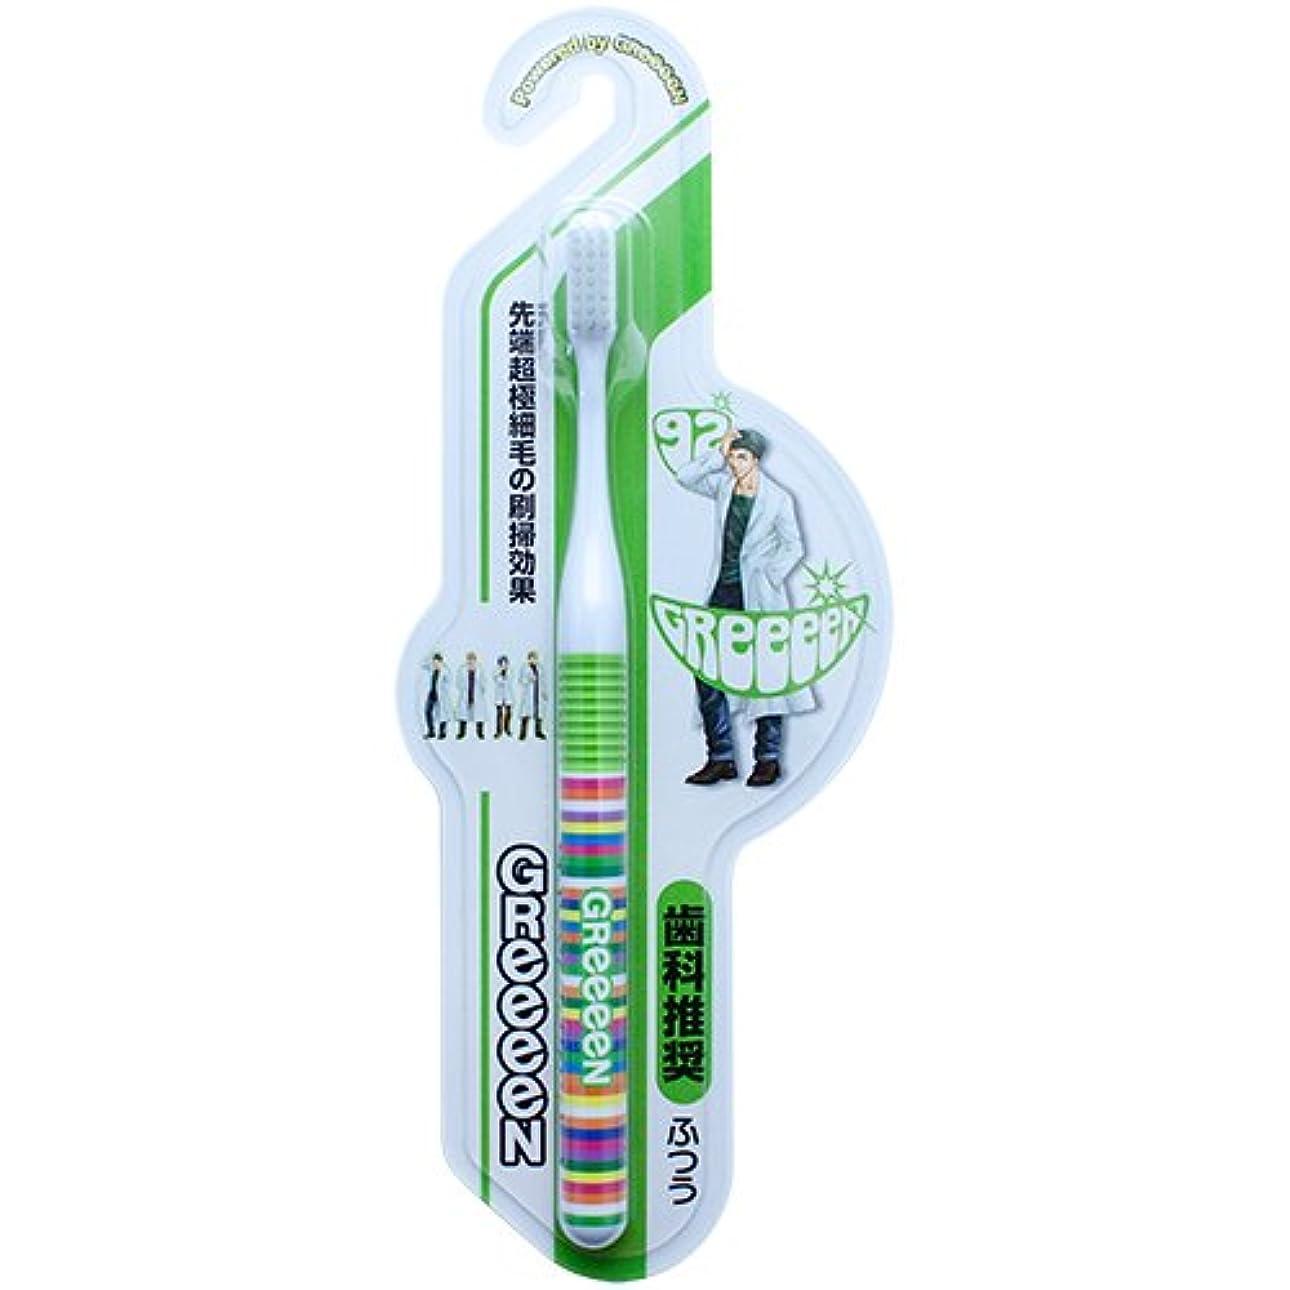 タイマー物理的に未来GReeeeN 3列ヘッドラバーグリップ超極細毛歯ブラシ SIRO 92 1本